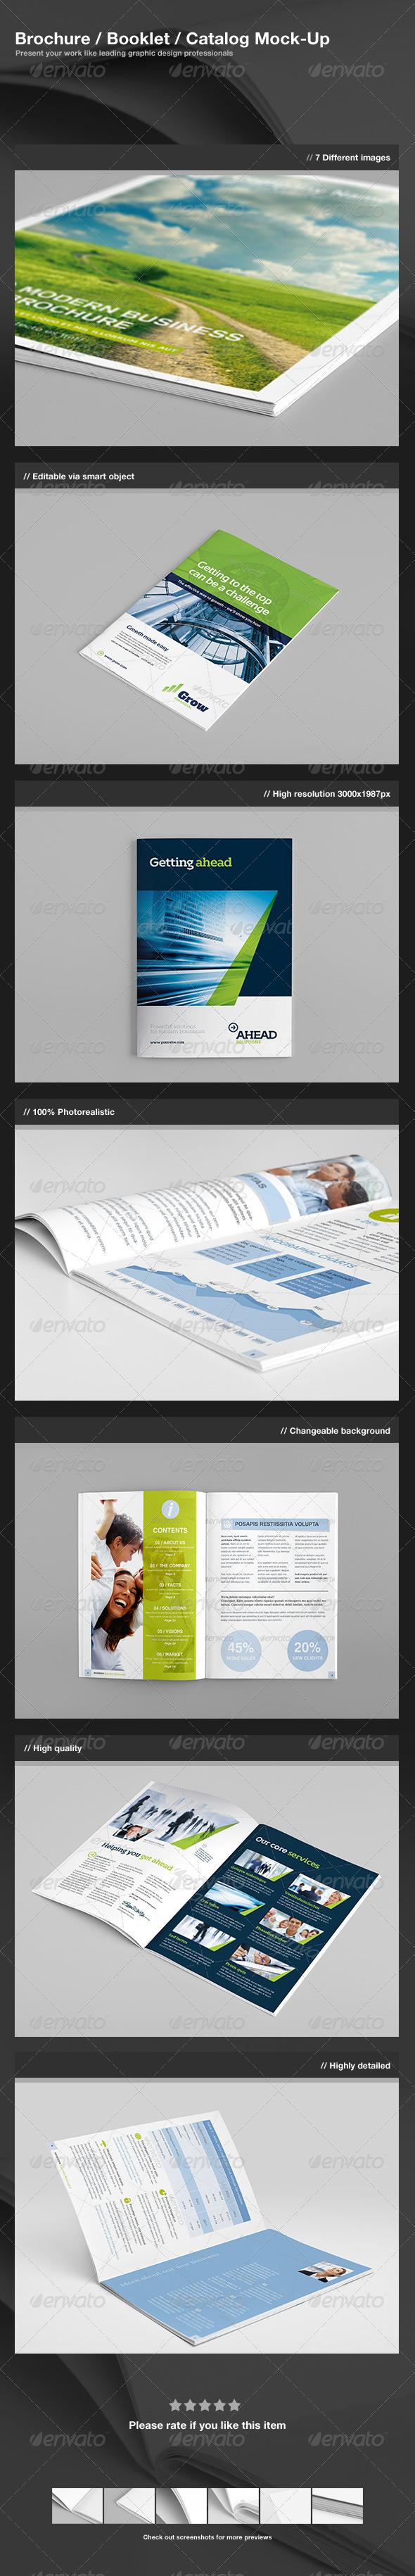 GraphicRiver Brochure Booklet Catalog Mock-Up 2616490